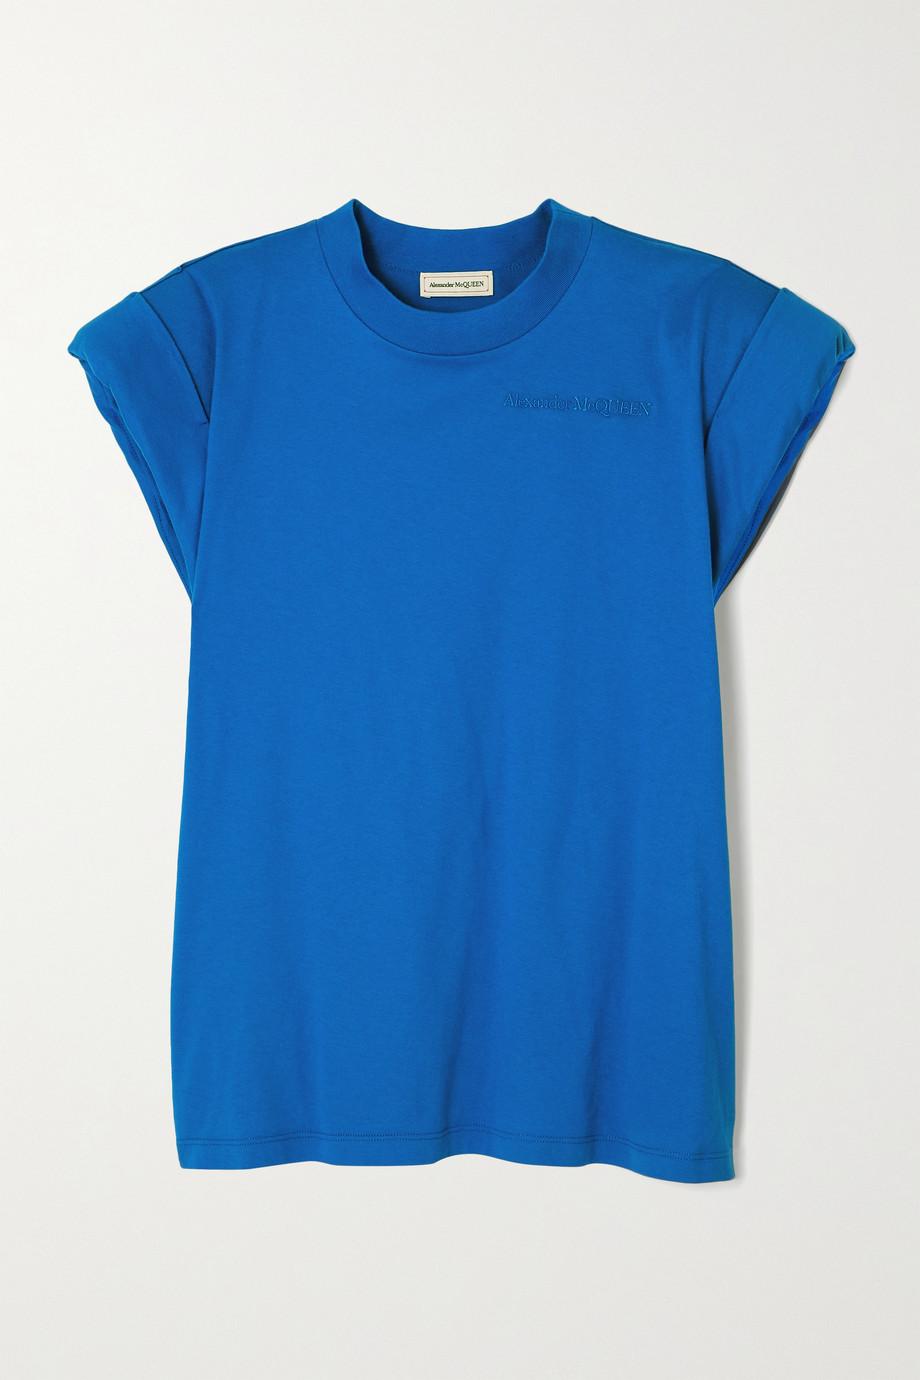 Alexander McQueen T-Shirt aus Baumwoll-Jersey mit Stickerei